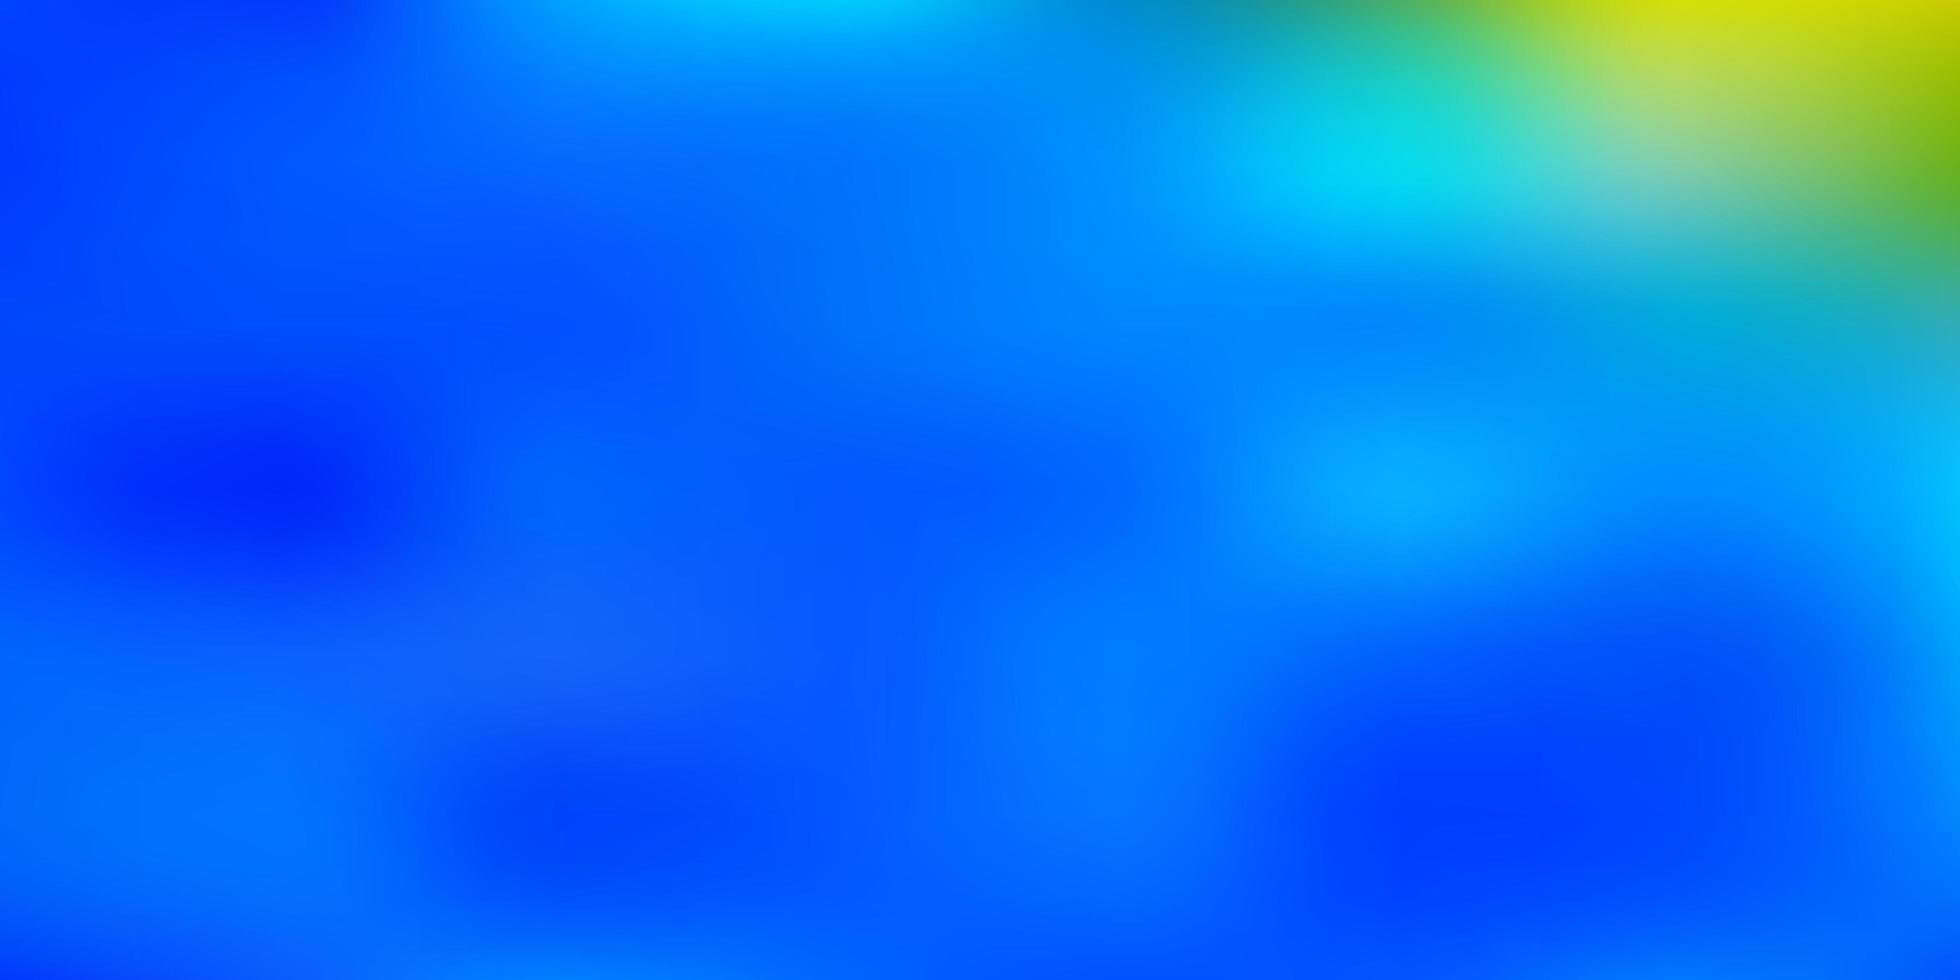 sfondo sfocato azzurro, giallo. vettore